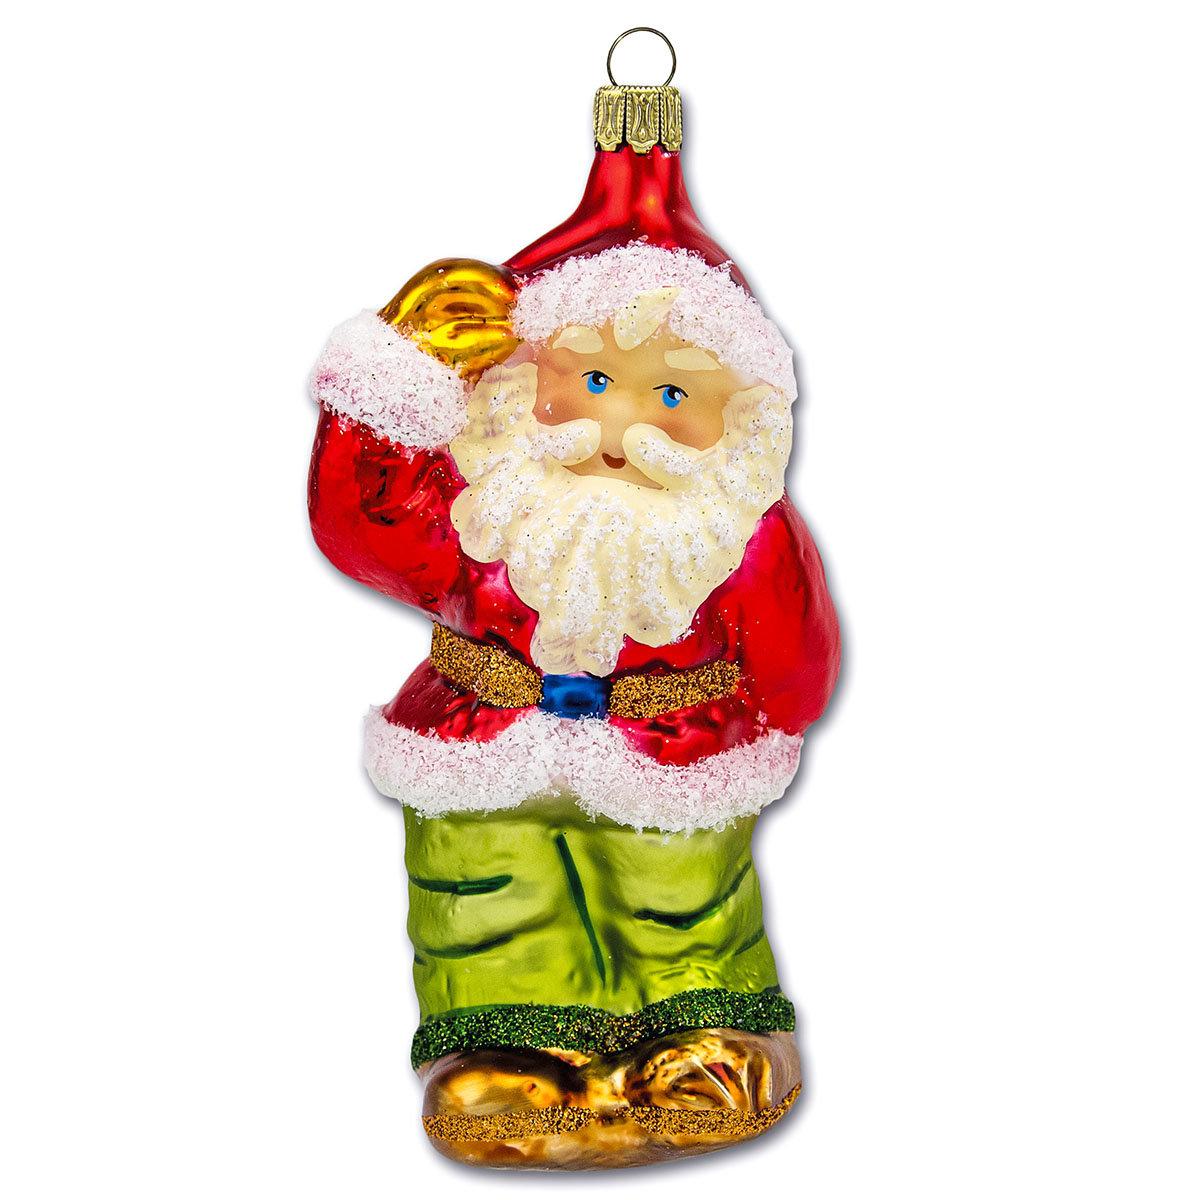 Christbaumschmuck - Weihnachtsmann, 11 cm, mundgeblasen